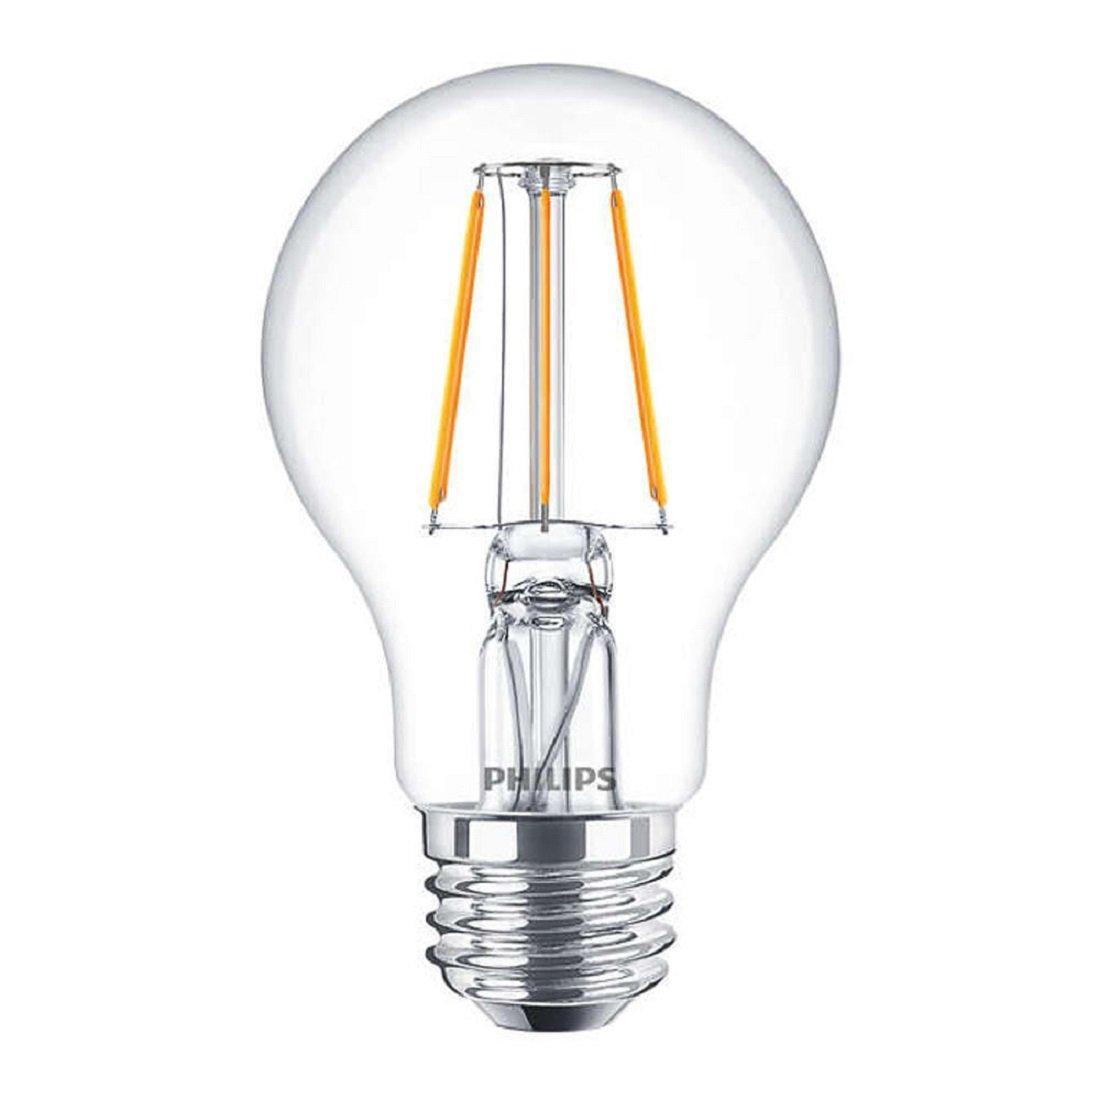 Philips LED Filament E27 4W